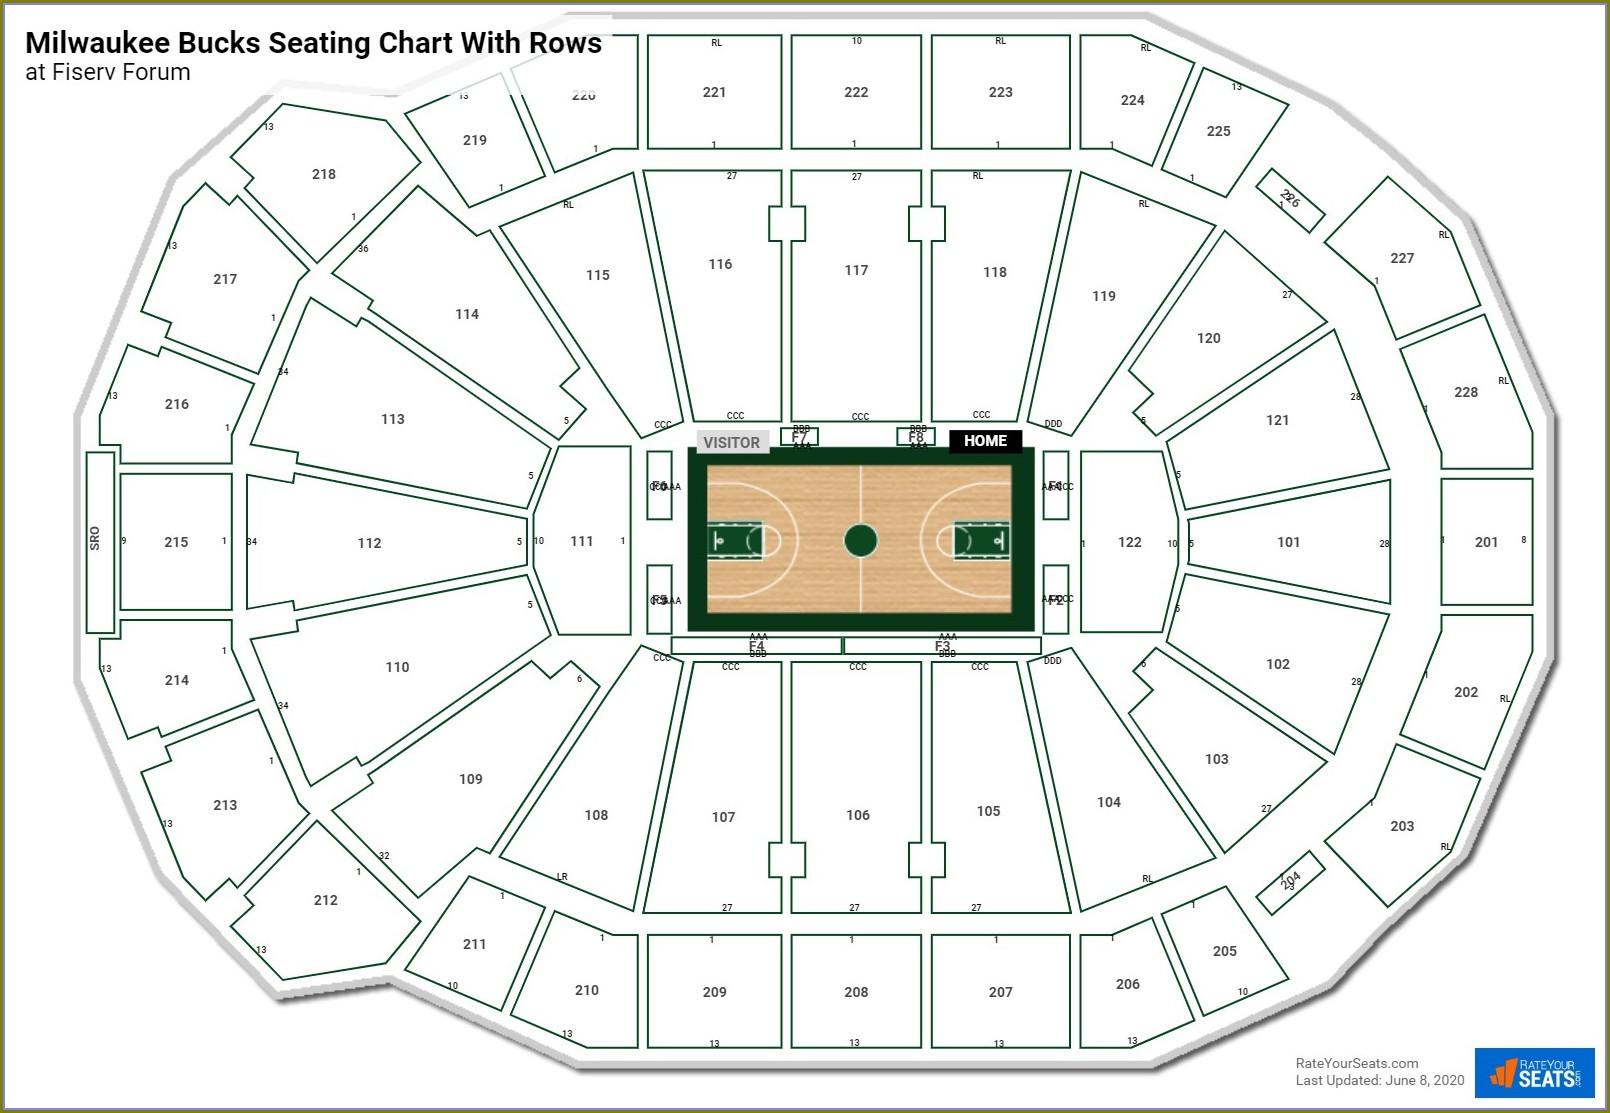 Milwaukee Bucks Seating Map